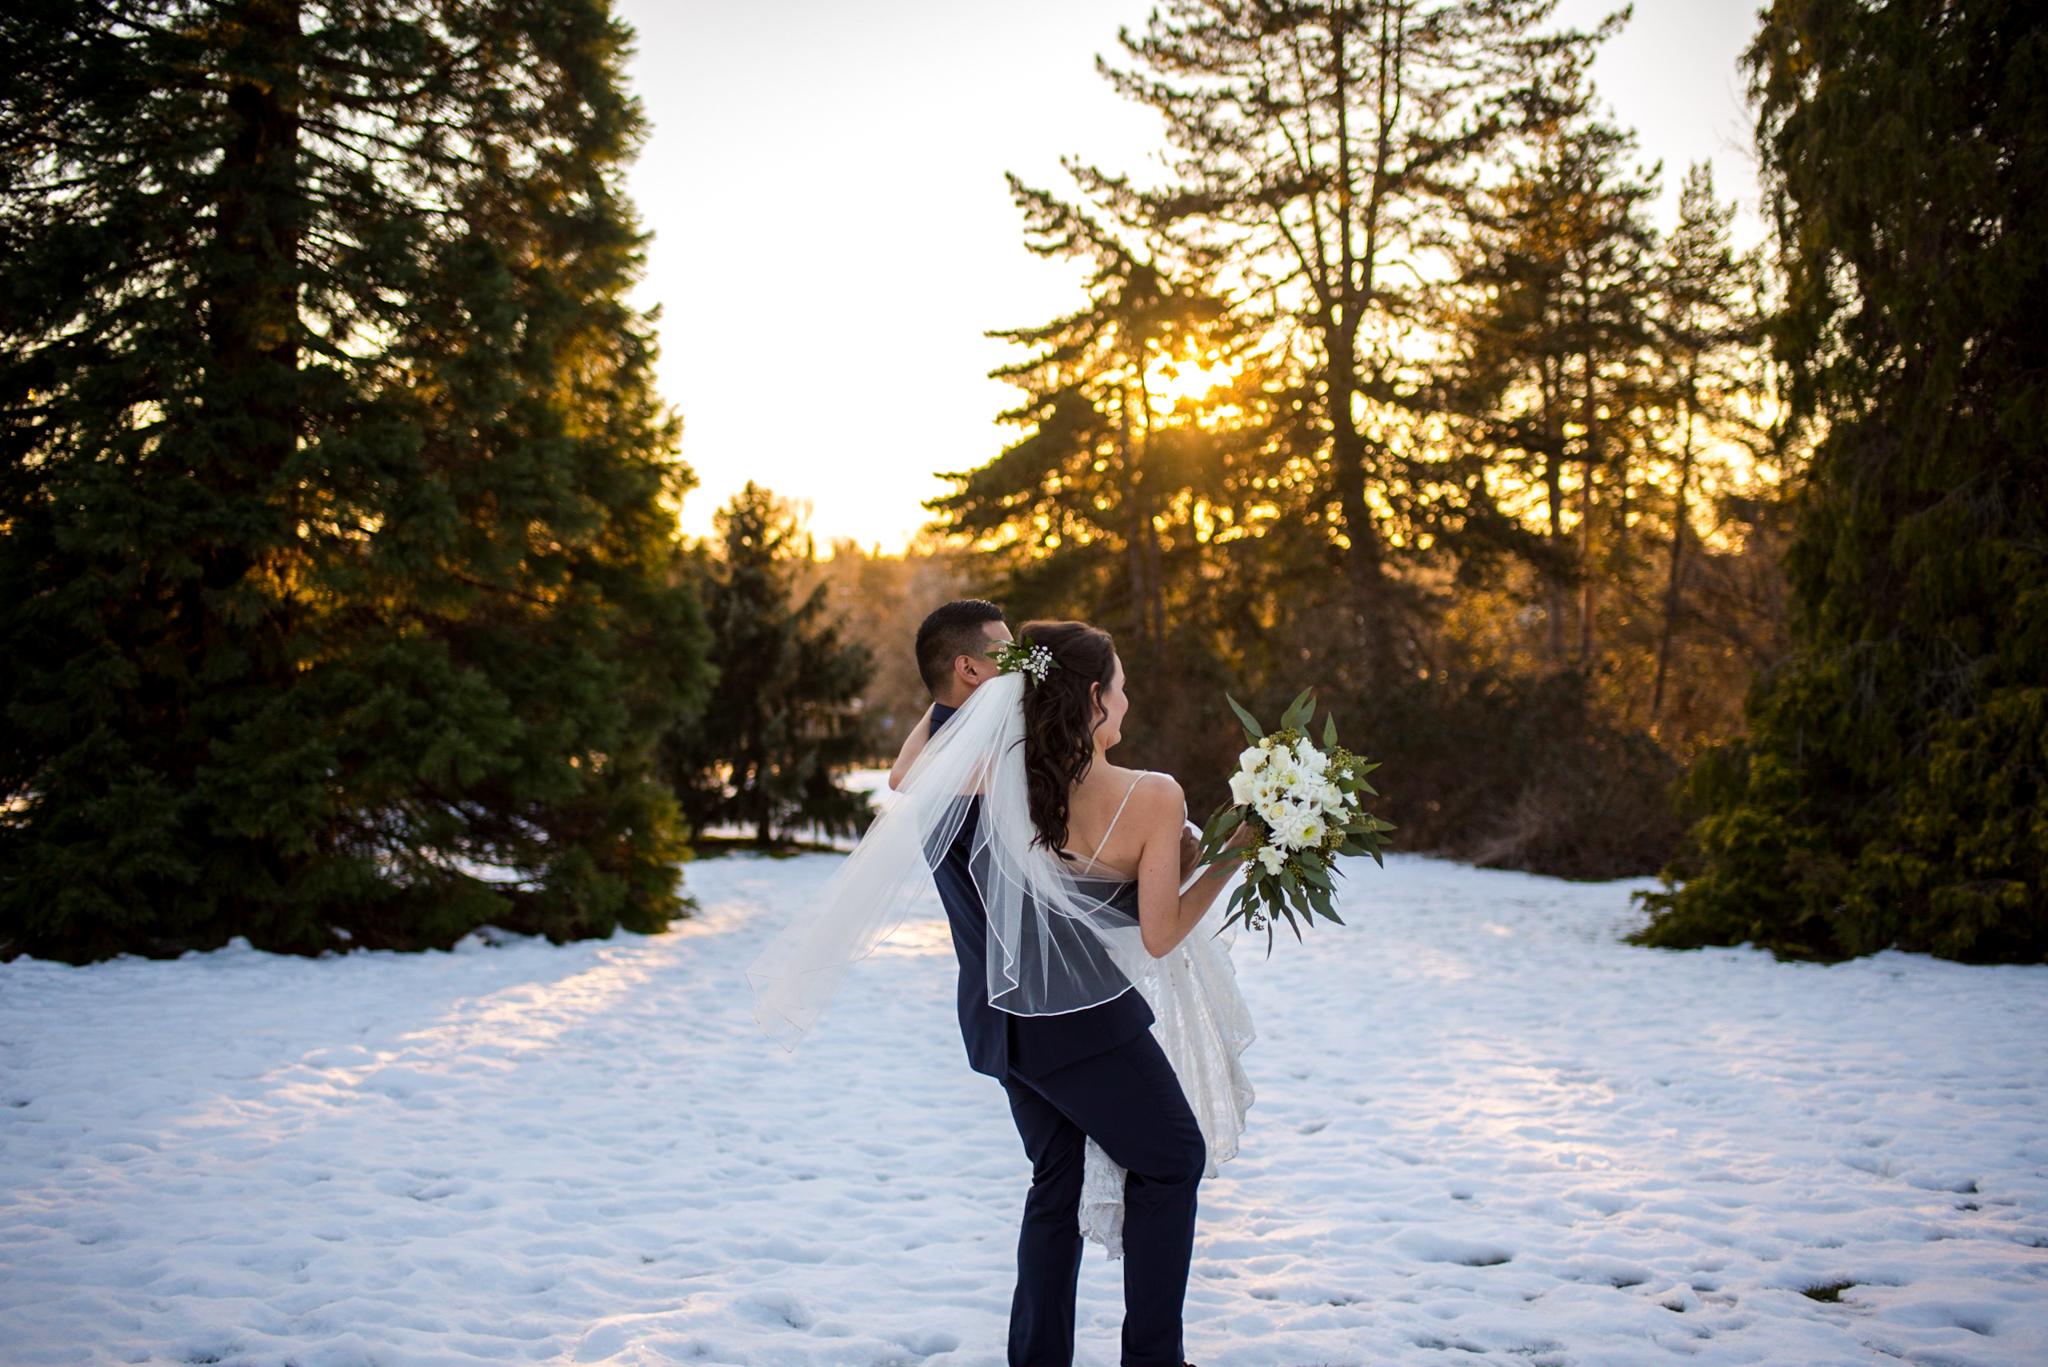 Snowy Wedding Photo in Queen Elizabeth Park in Vancouver BC